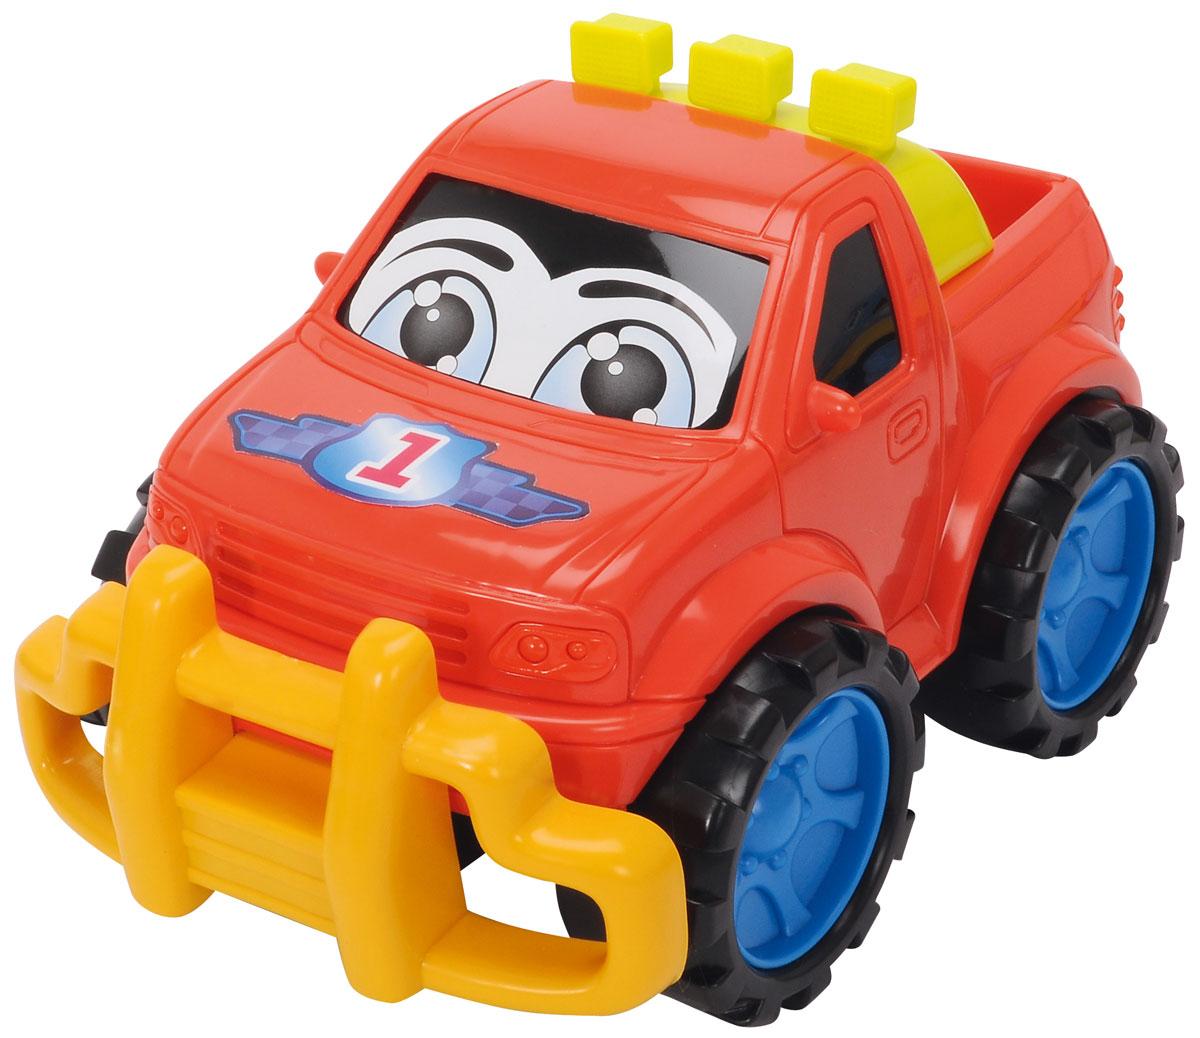 Dickie Toys Машинка Happy Runner цвет красный3315230_красныйМашинка Dickie Toys  Happy Runner обязательно понравится вашему маленькому гонщику и надолго увлечет его. Яркая и красочная машинка выполнена из безопасного пластика и оформлена стикерами с изображением глазок. Увеличенные размеры делают эту игрушку удобной и безопасной даже для самых маленьких малышей, с ней можно играть не только дома, но и на улице. Рельефные колесики машинки обеспечат наилучшее сцепление с поверхностью пола. Игры с такой машинкой развивают концентрацию внимания, координацию движений, мелкую и крупную моторику, цветовое восприятие и воображение. Малыш будет часами играть с этой машинкой, придумывая разные истории и разыгрывая веселые сценки.